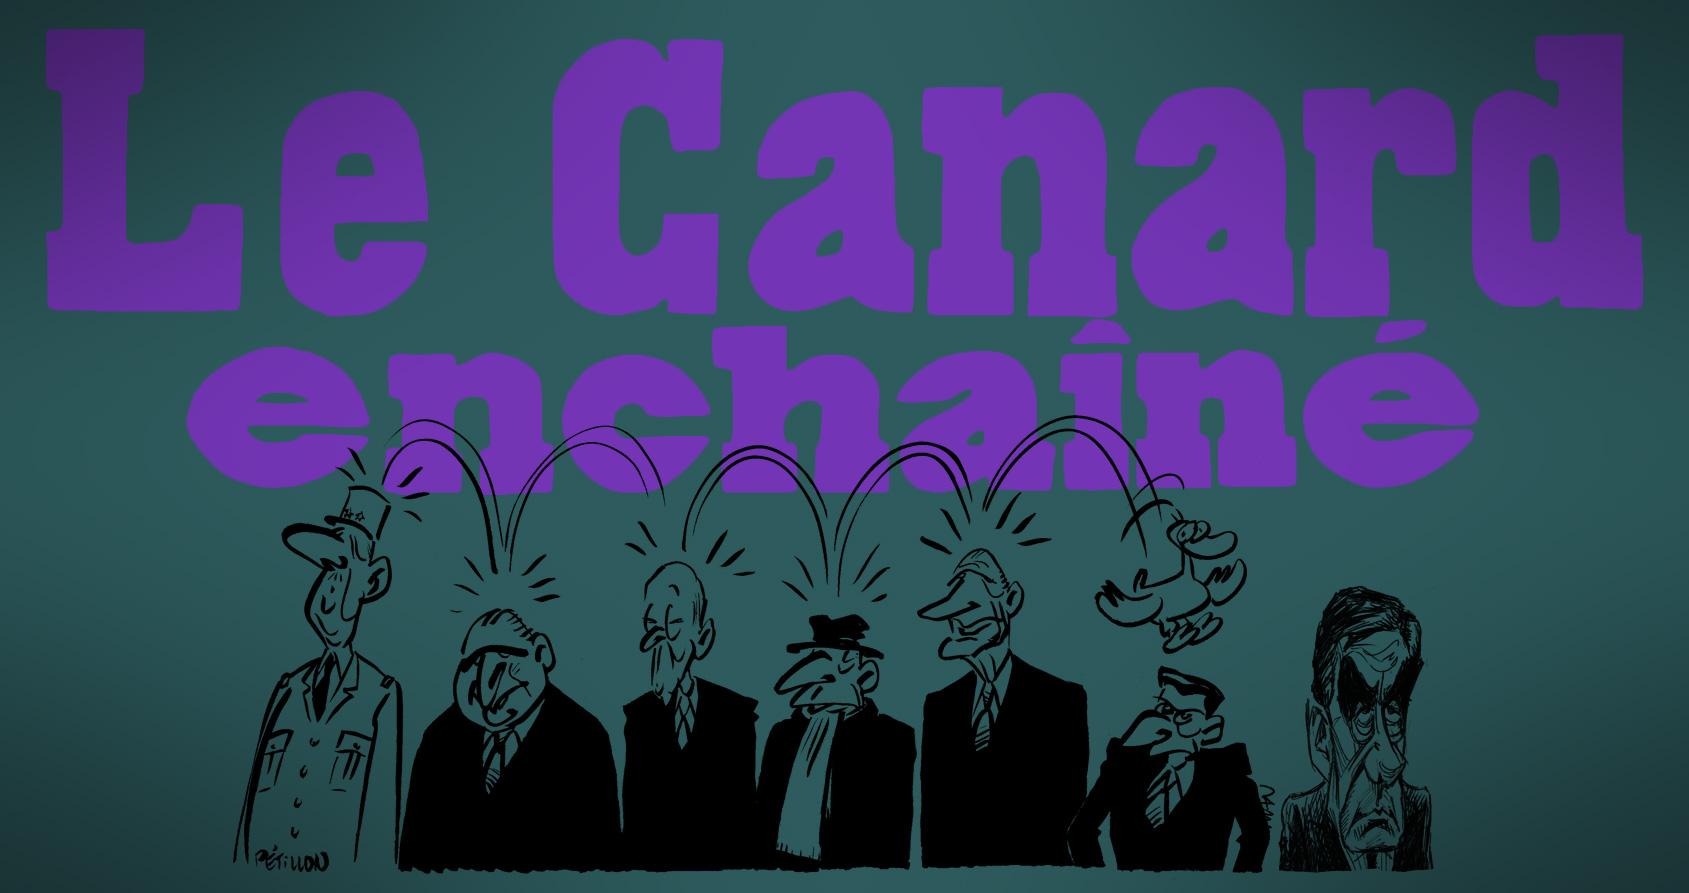 Le Canard Enchaîné : l'histoire du journal qui fait rire ses lecteurs et peur aux politiques